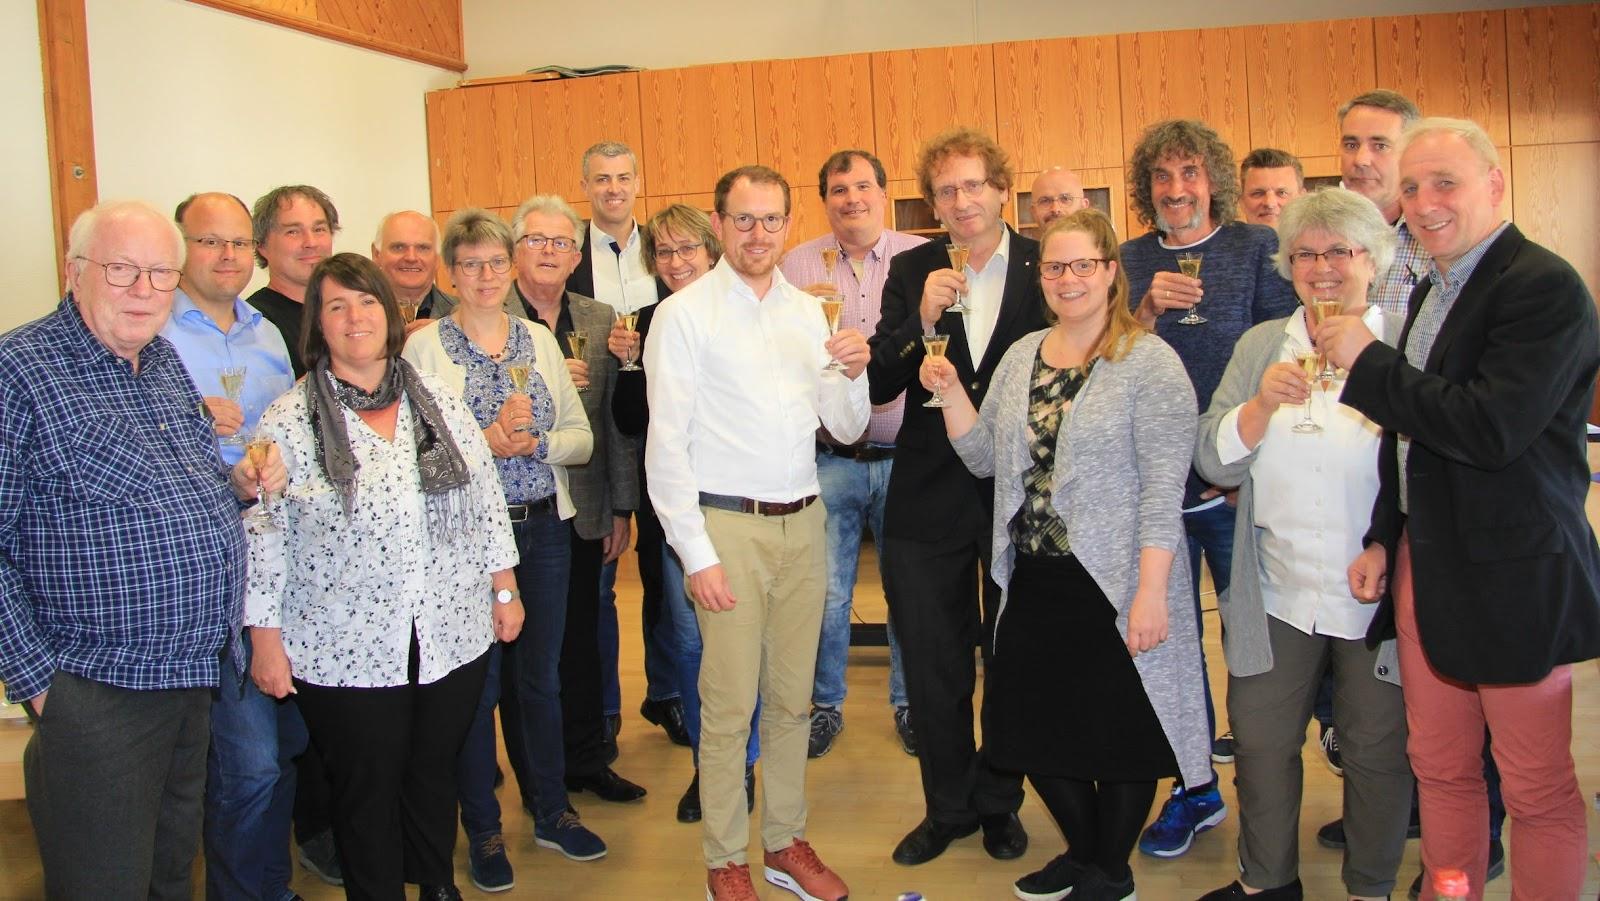 施特勞本哈爾特市政委員會對市長Helge Viehweg(中)、C2C理念創始人Michael Braungart教授(中右一)和德國C2C協會的Christina Linke(中右二)在該市推行C2C設計的決定感到滿意。